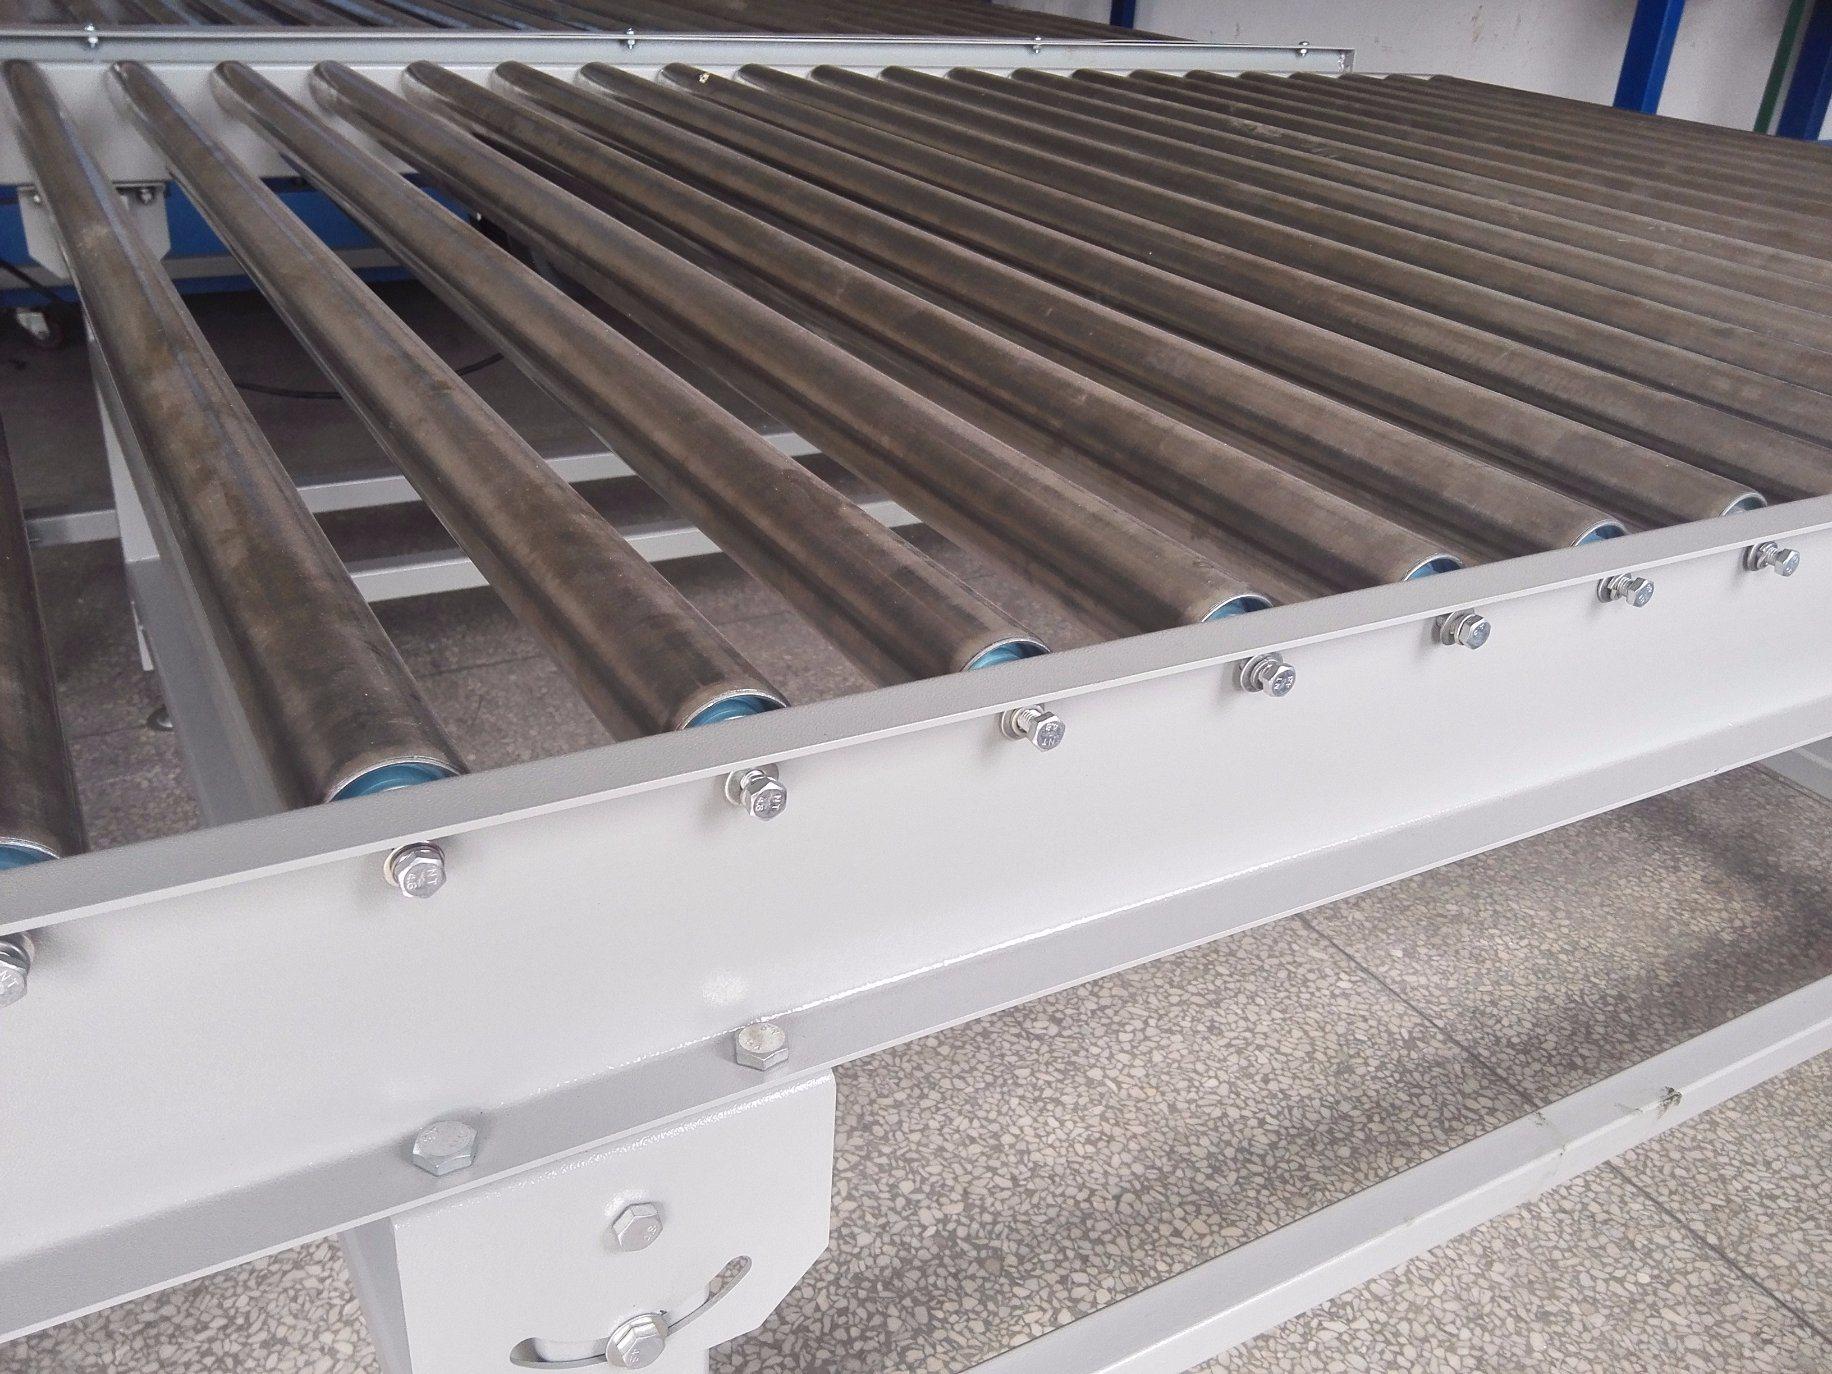 CB112 Series Non-Power/Nonmotorized/Gravity Roller Conveyor